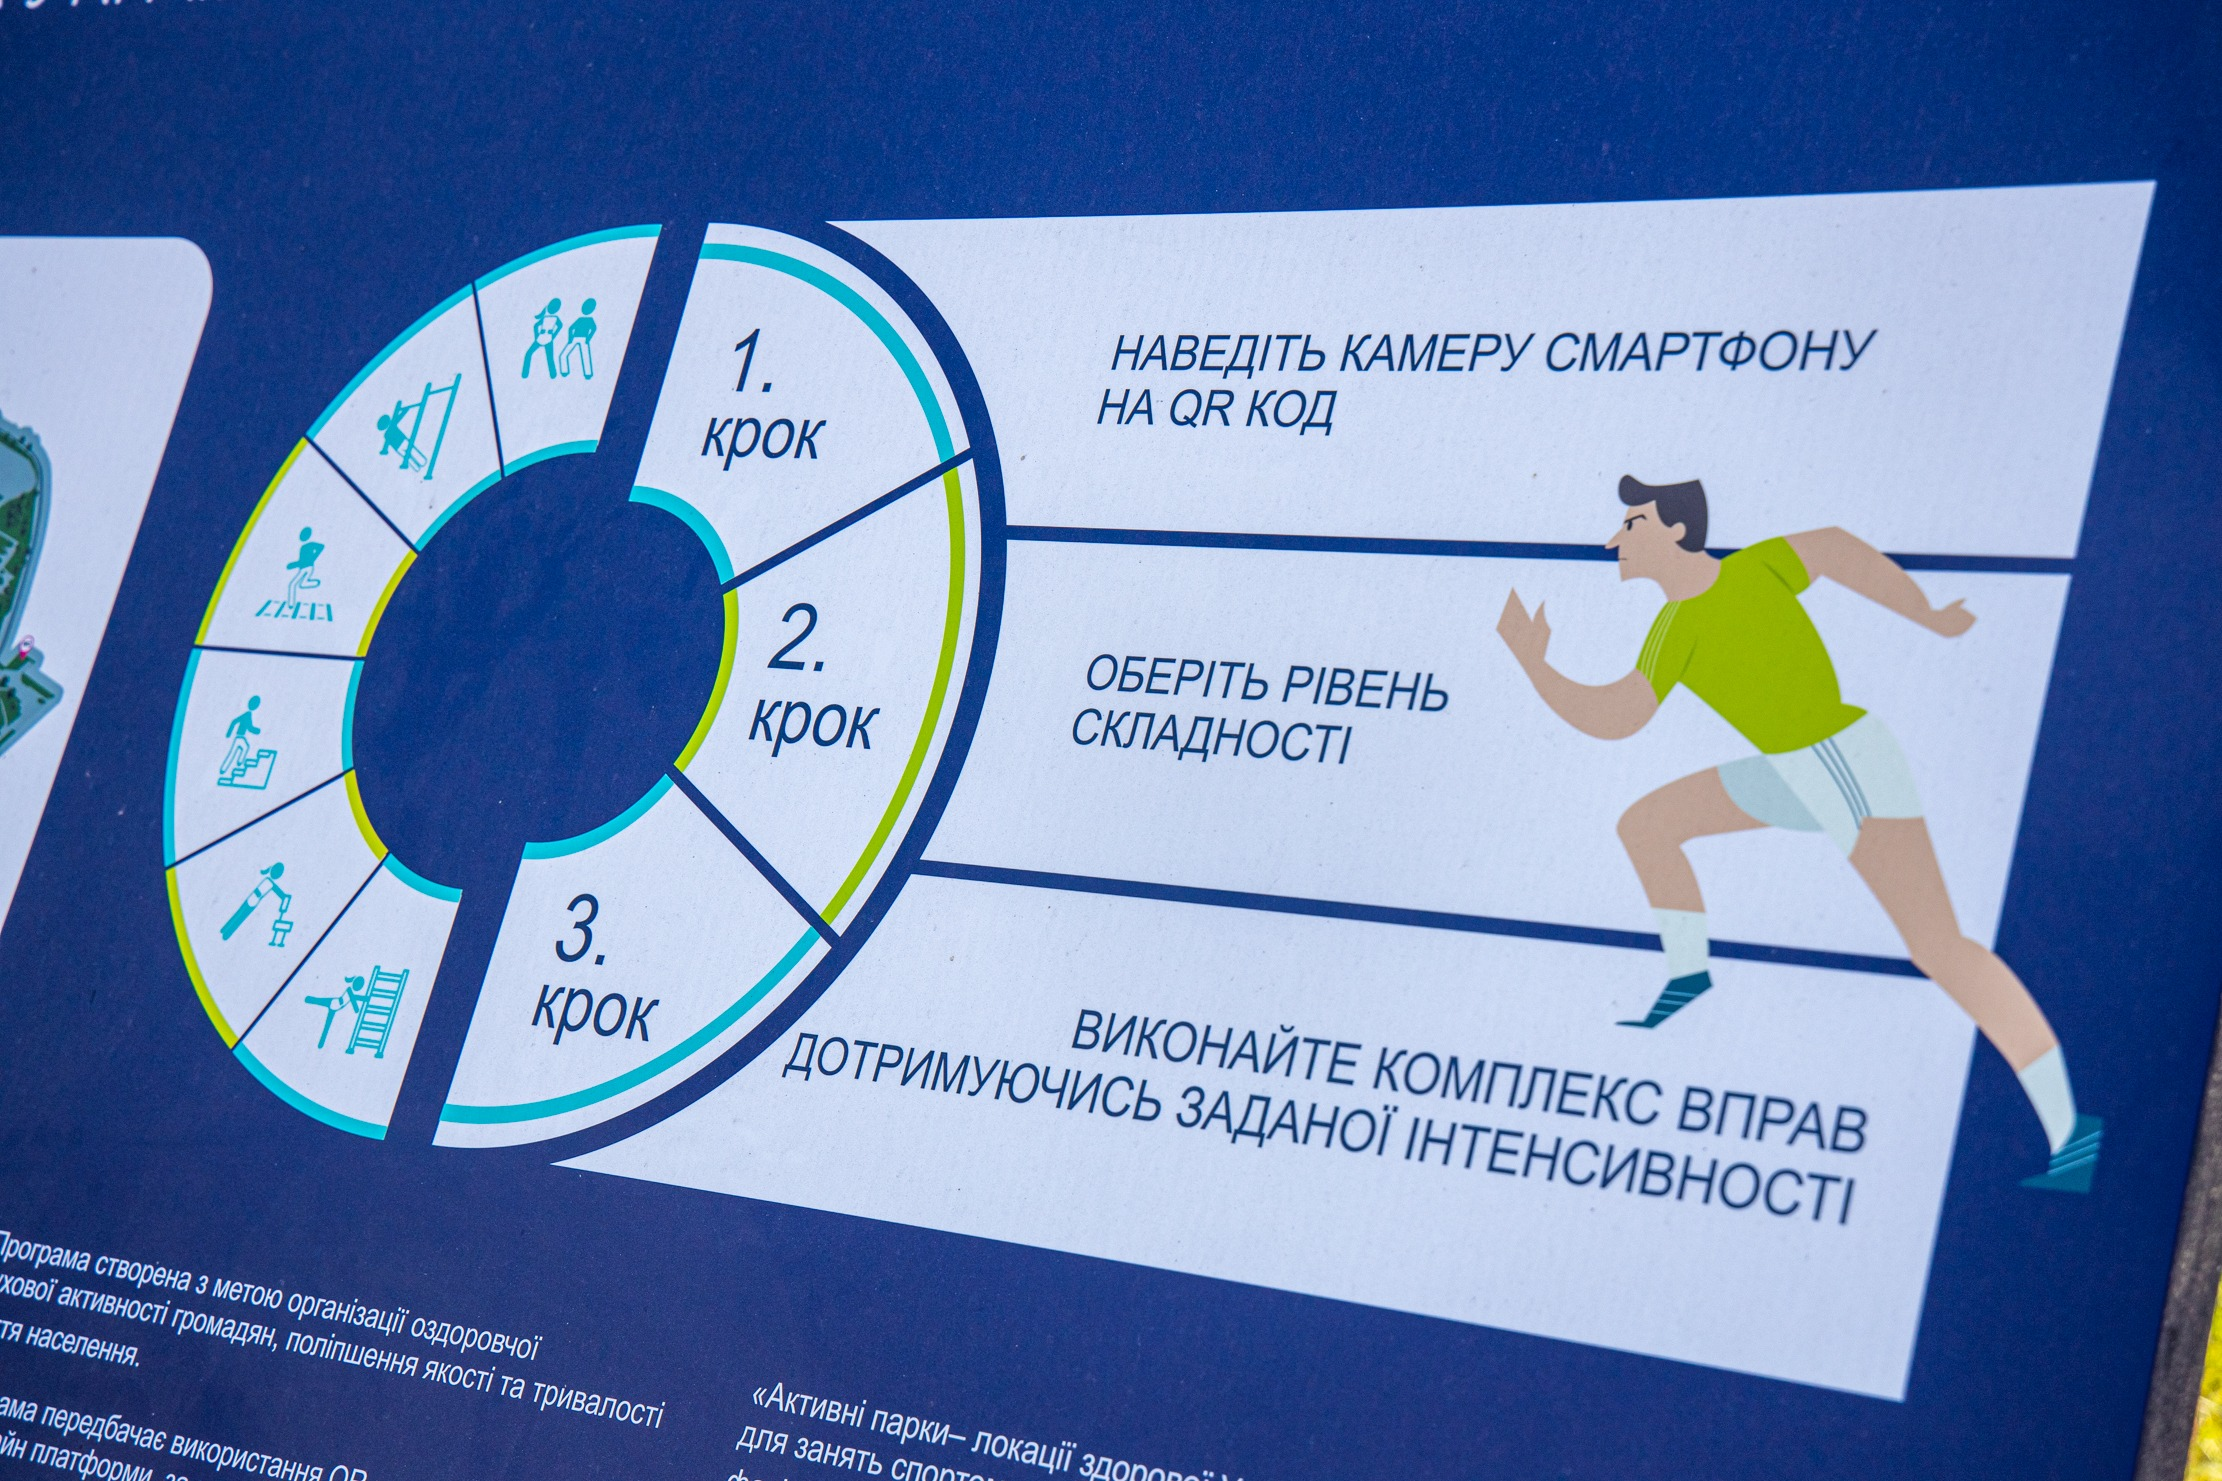 Новости Днепра про Чемпион мира по фехтованию Богдан Никишин провел тренировку в «активном парке» в Днепре